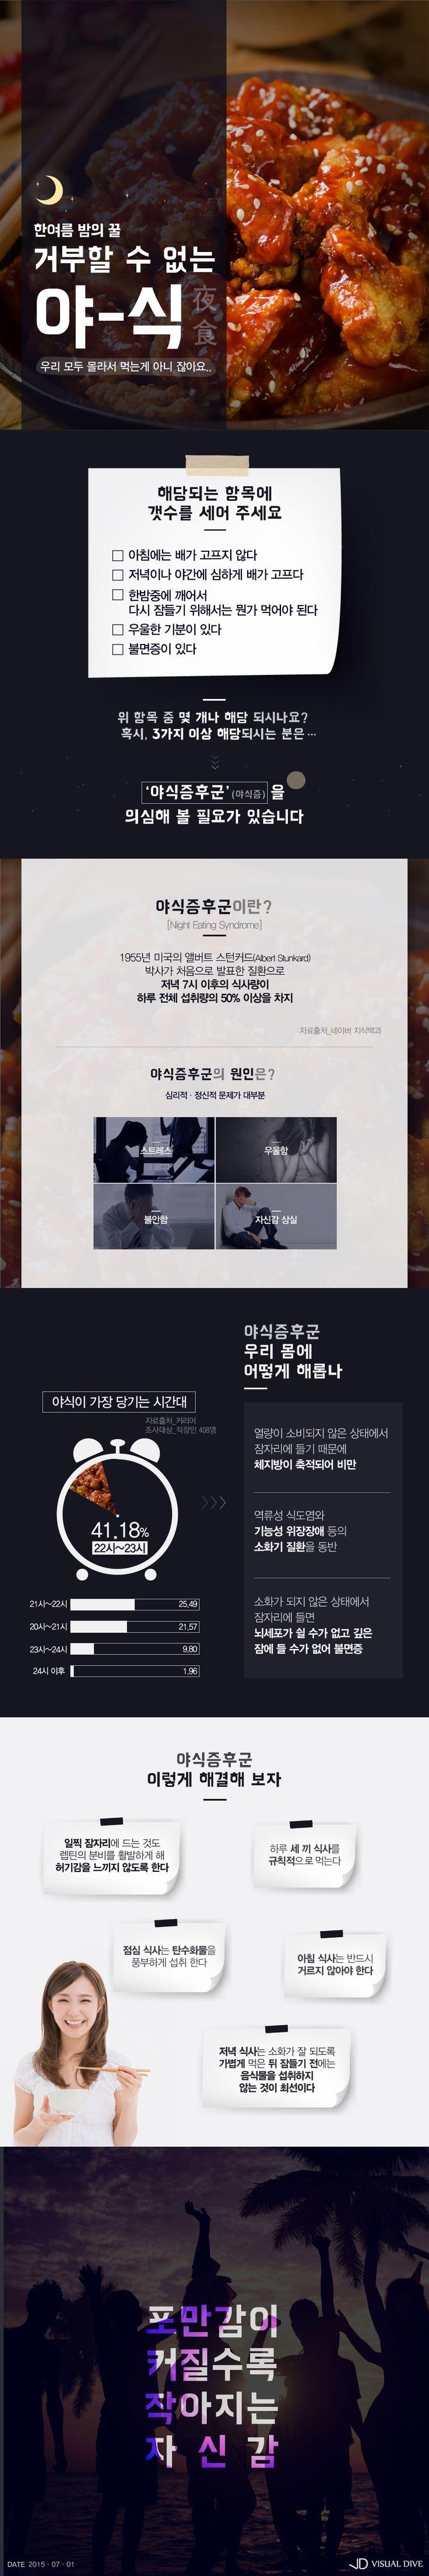 한여름 밤의 꿀 '야식의 유혹' [인포그래픽] #Food / #Infographic ⓒ 비주얼다이브 무단 복사·전재·재배포 금지